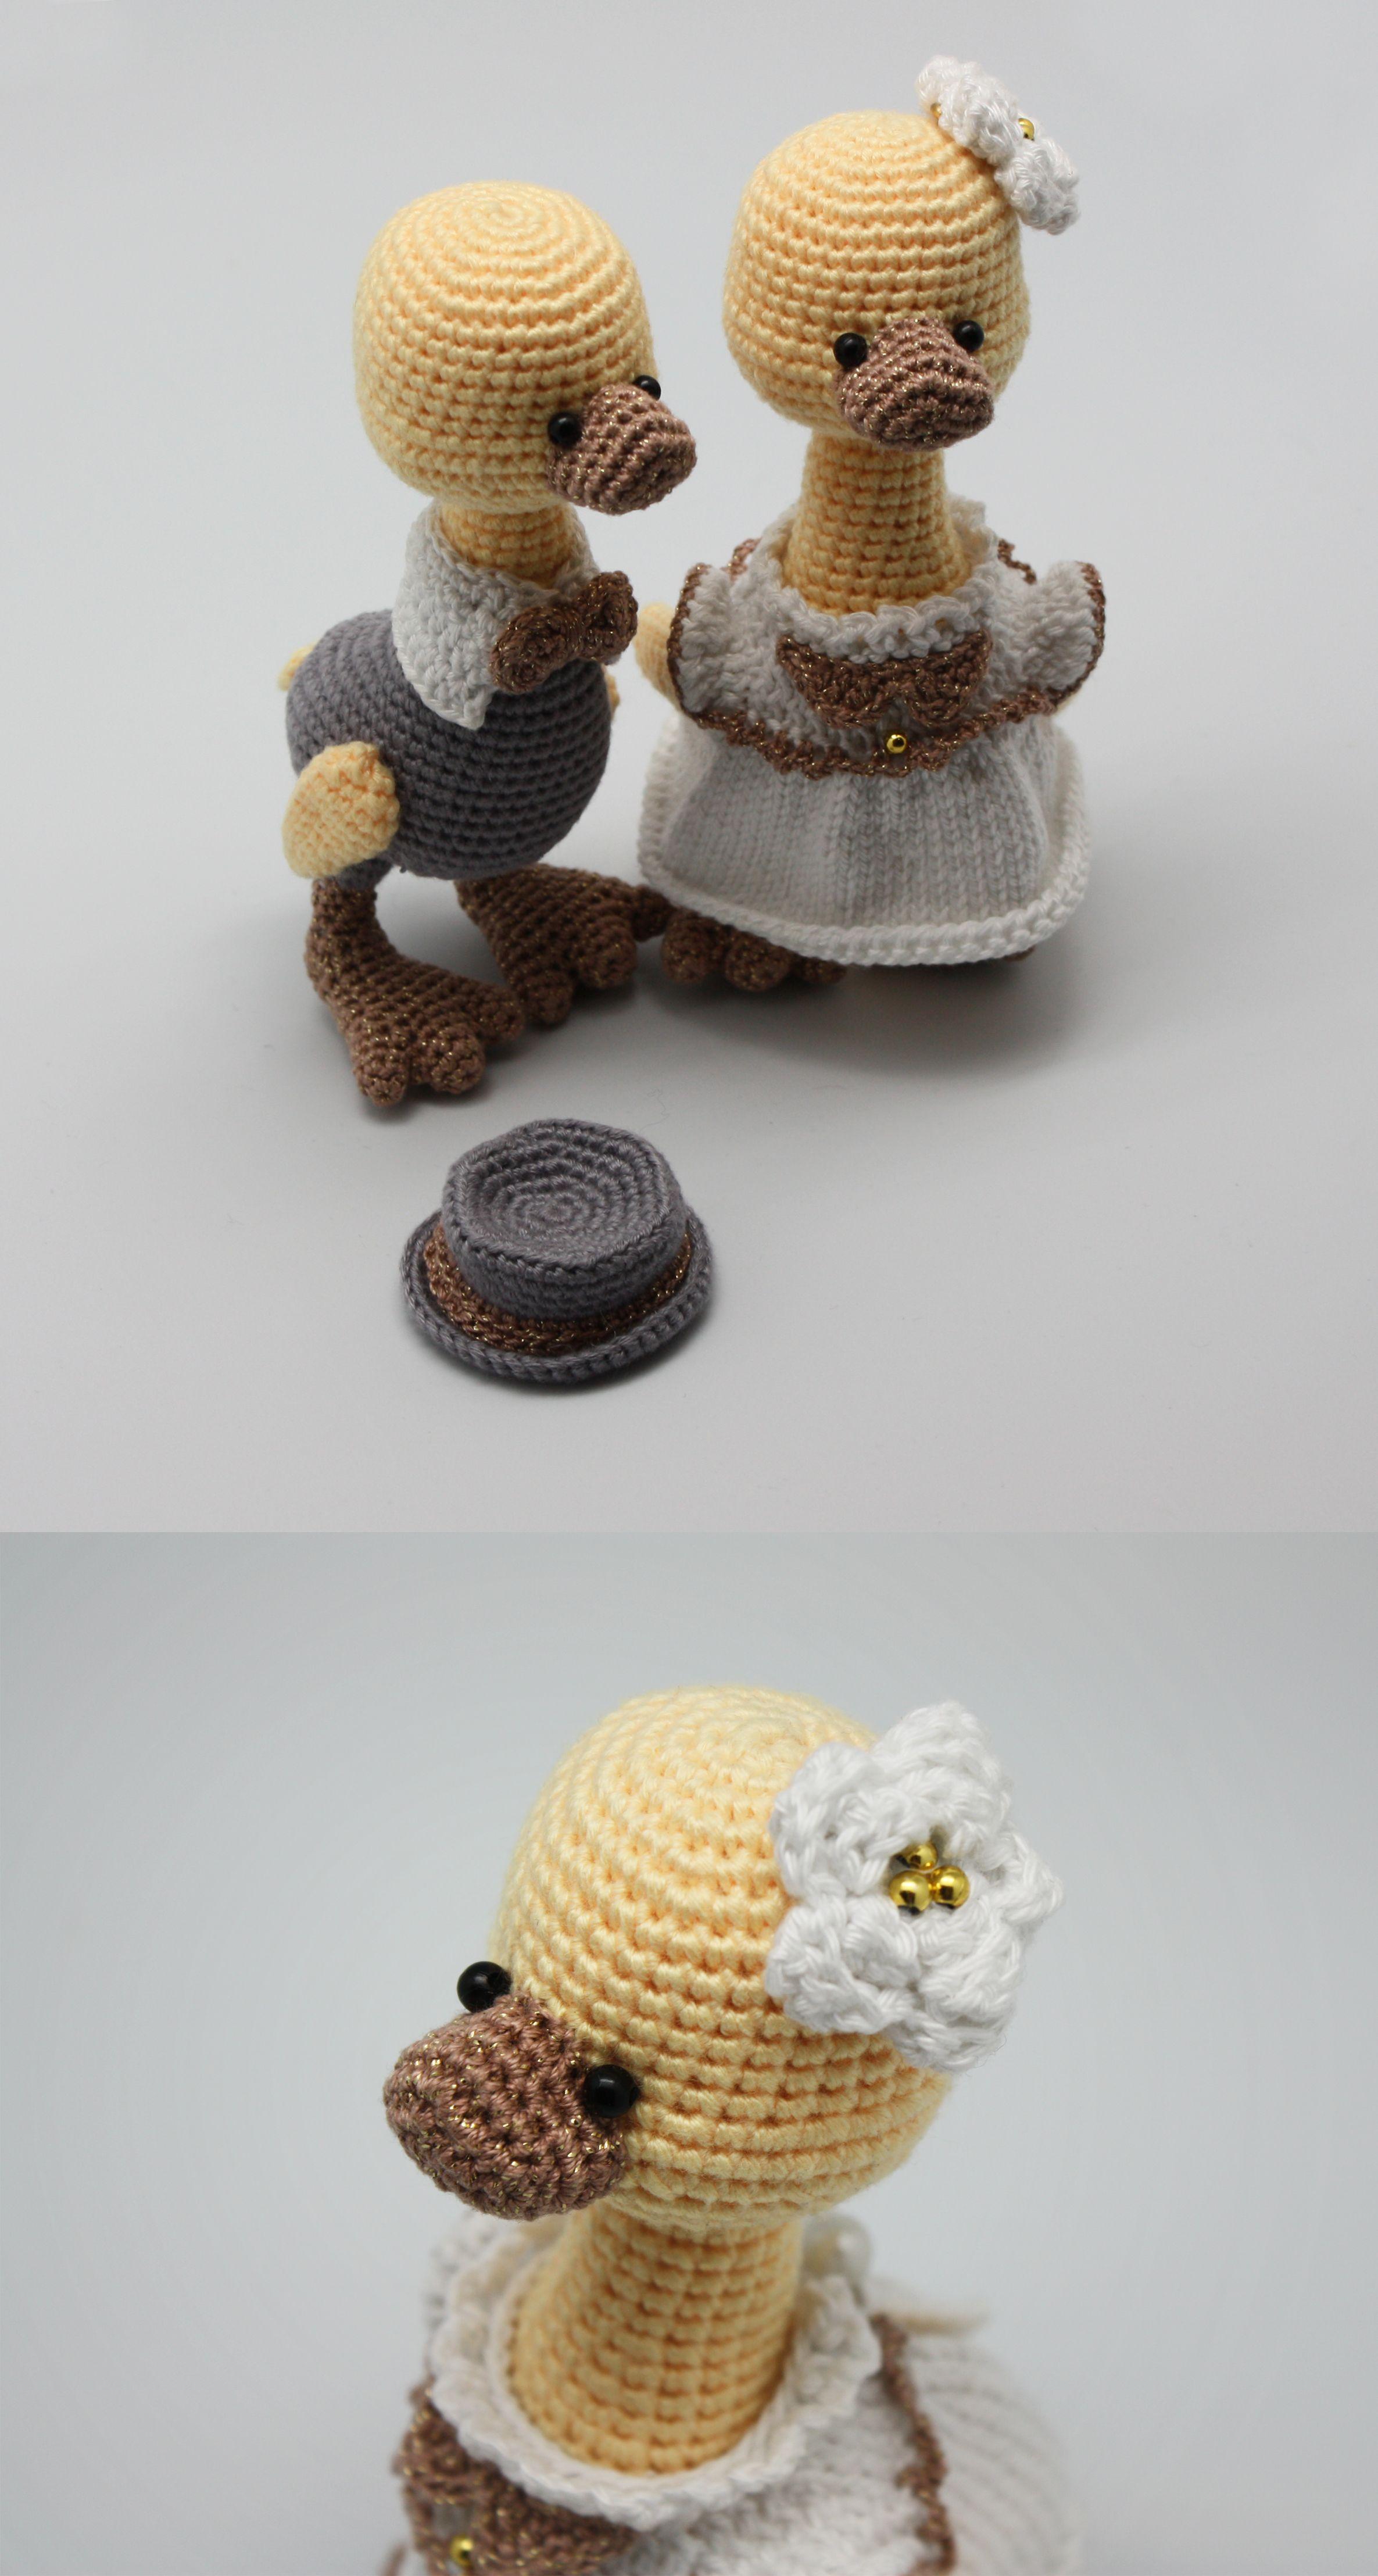 Wedding gift for couple stuffed animal, Bridesmaid gift